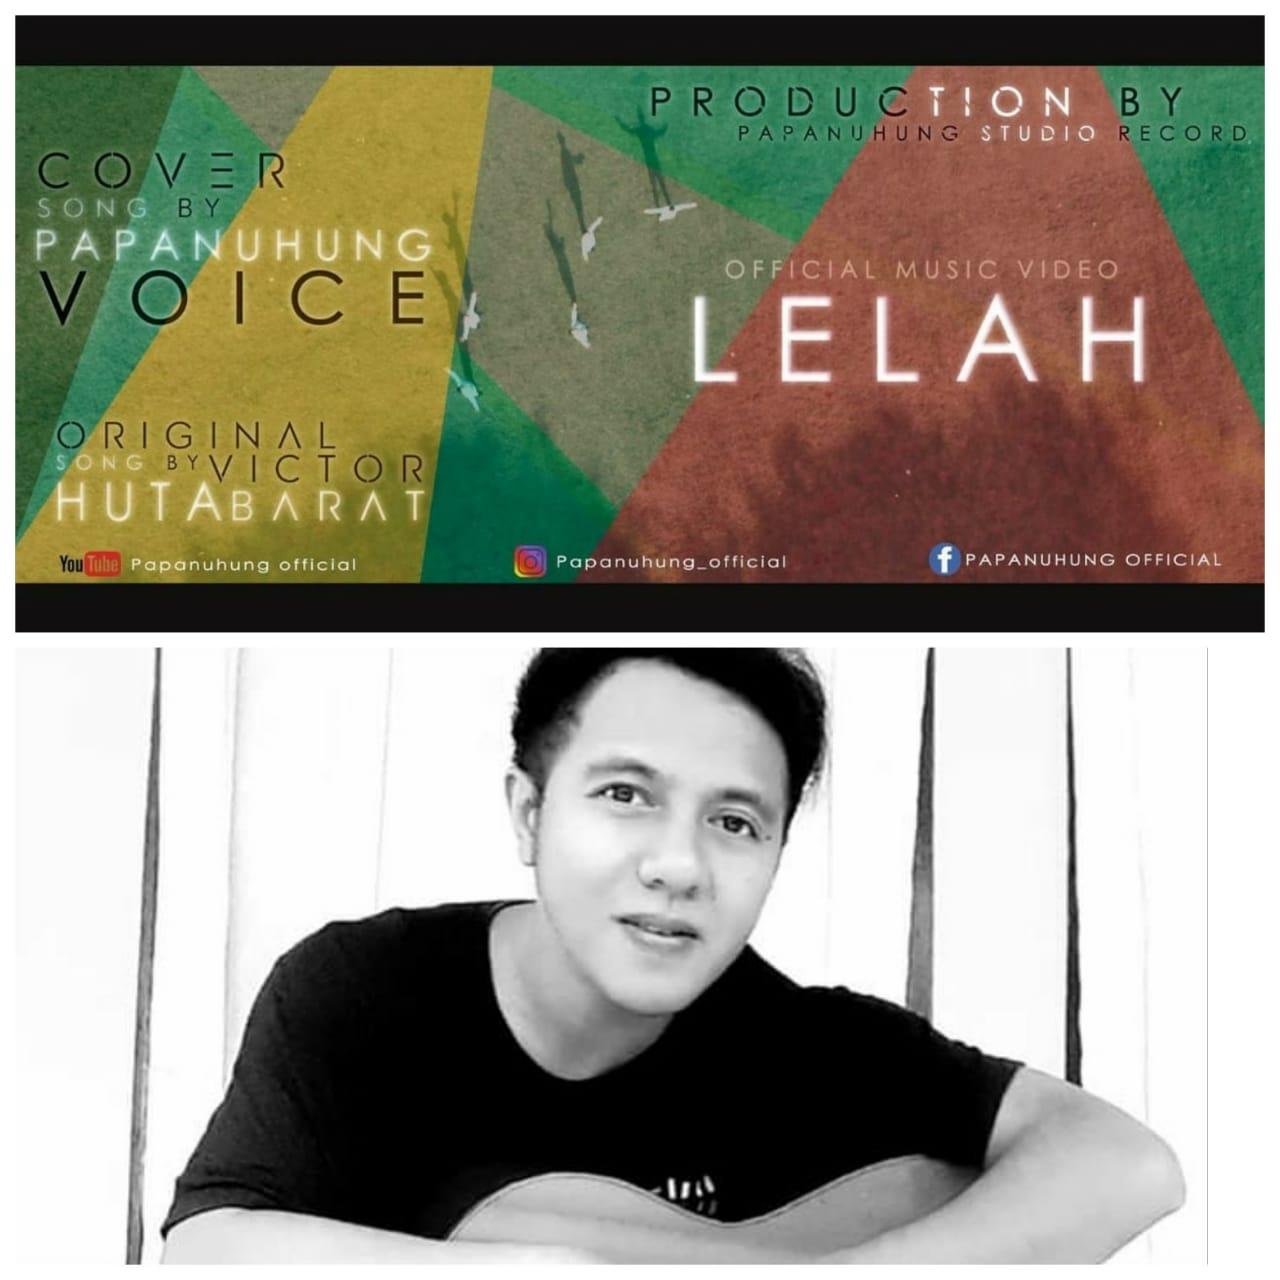 Papanuhung Voice Keluarkan Produk Single Cover Perdana, Karaeng: Ini Untuk Almarhumah Rathi Budiman